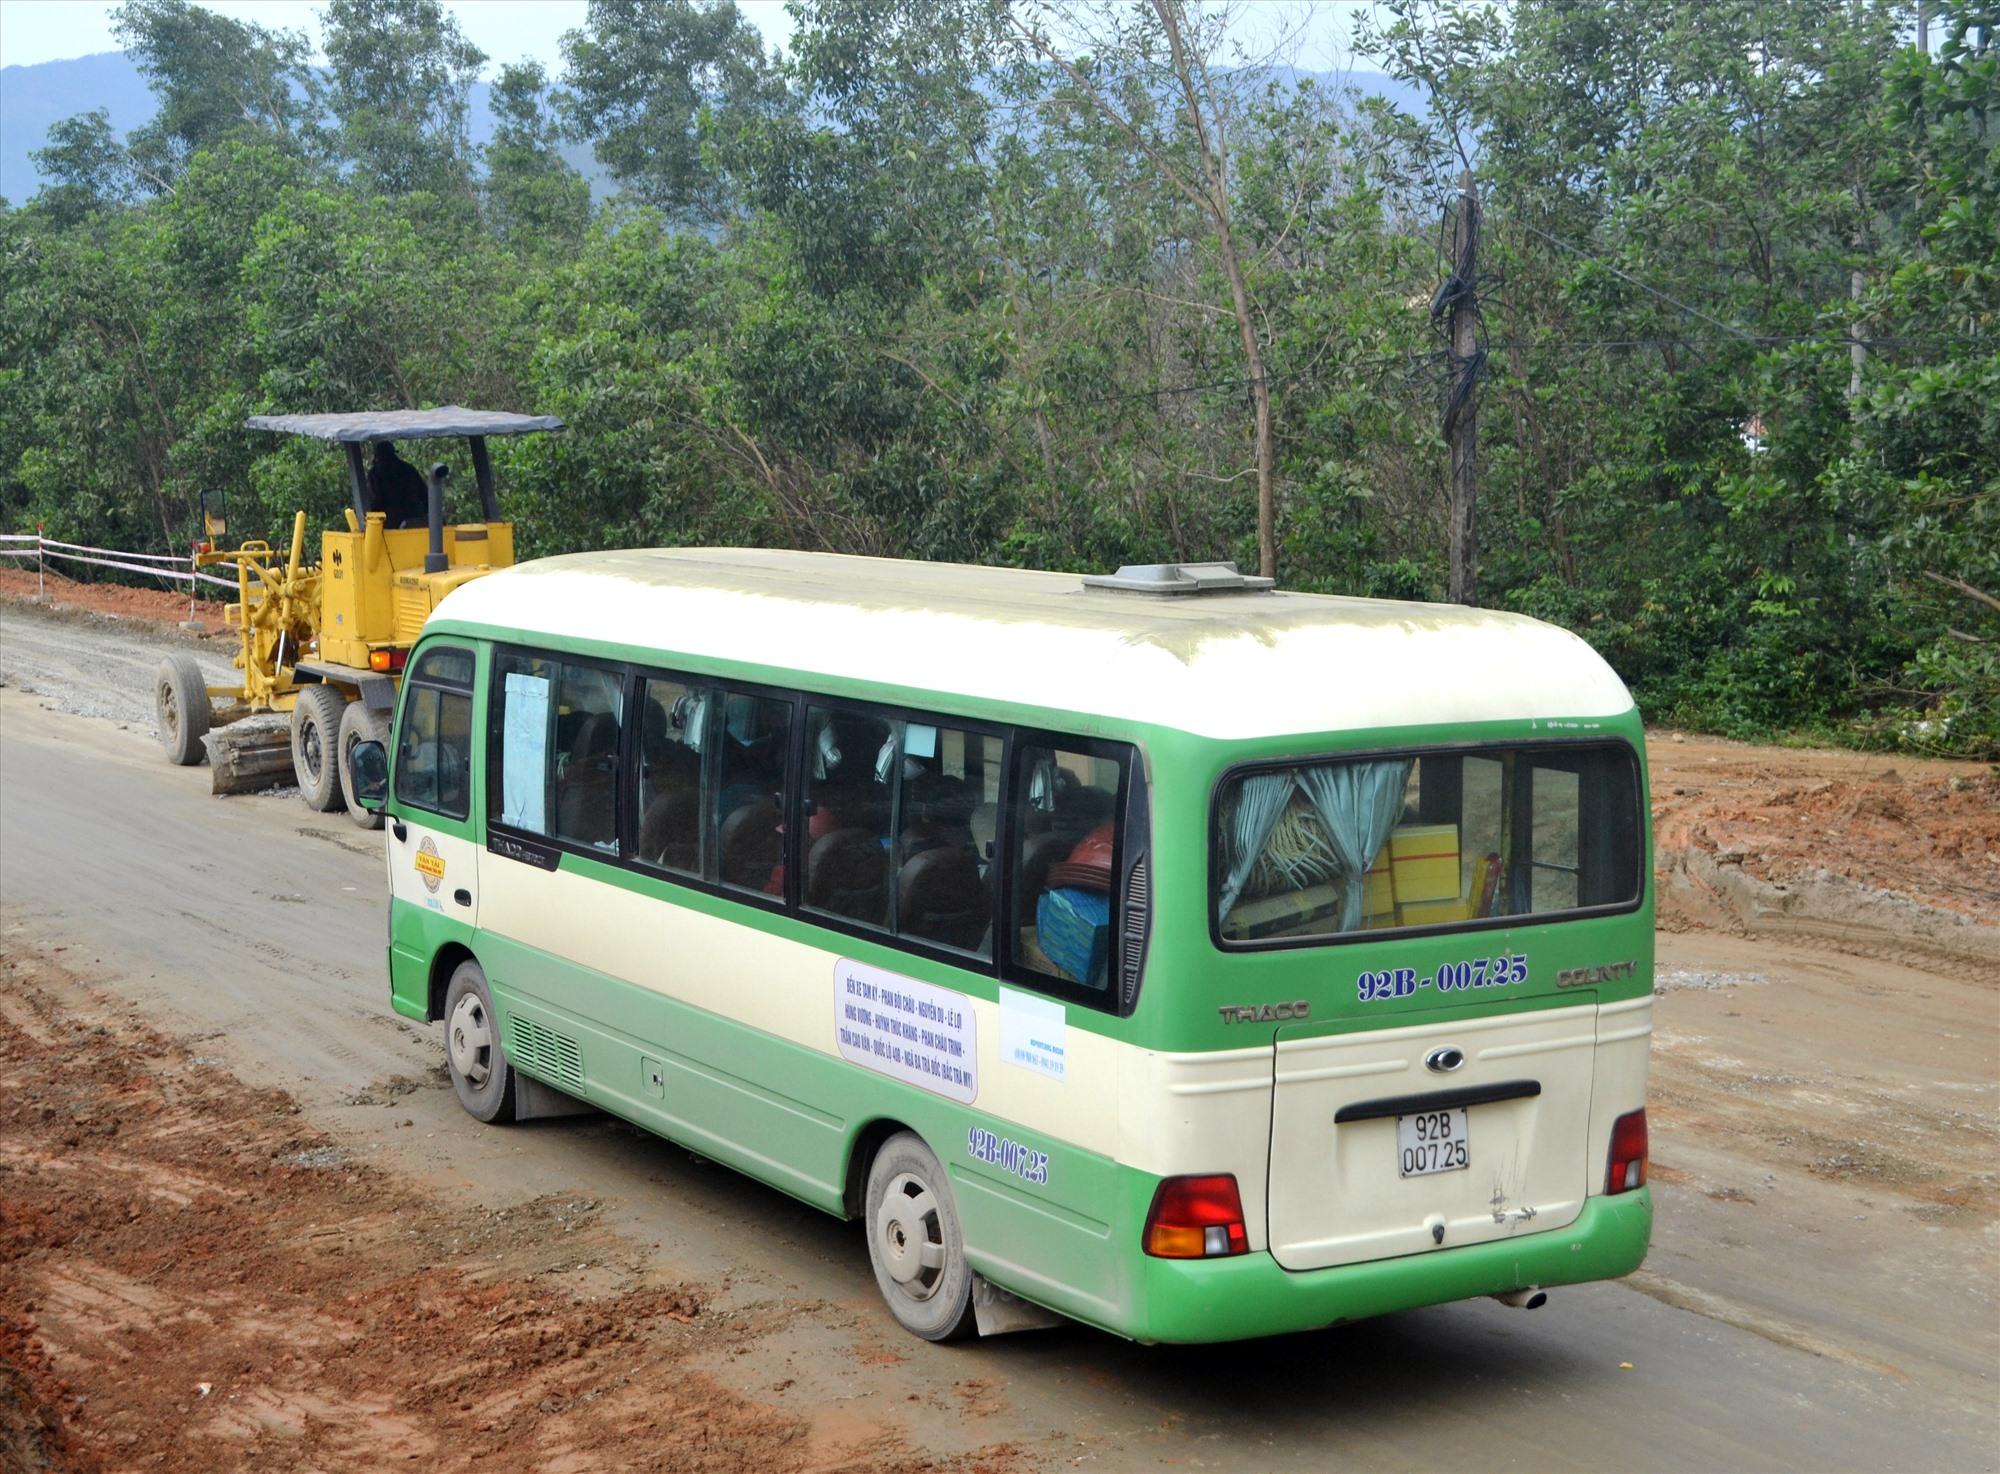 HTX Vận tải và kinh doanh tổng hợp TP.Tam Kỳ đầu tư xe khai thác tuyến buýt Tam Kỳ-Bắc Trà My. Ảnh: C.T